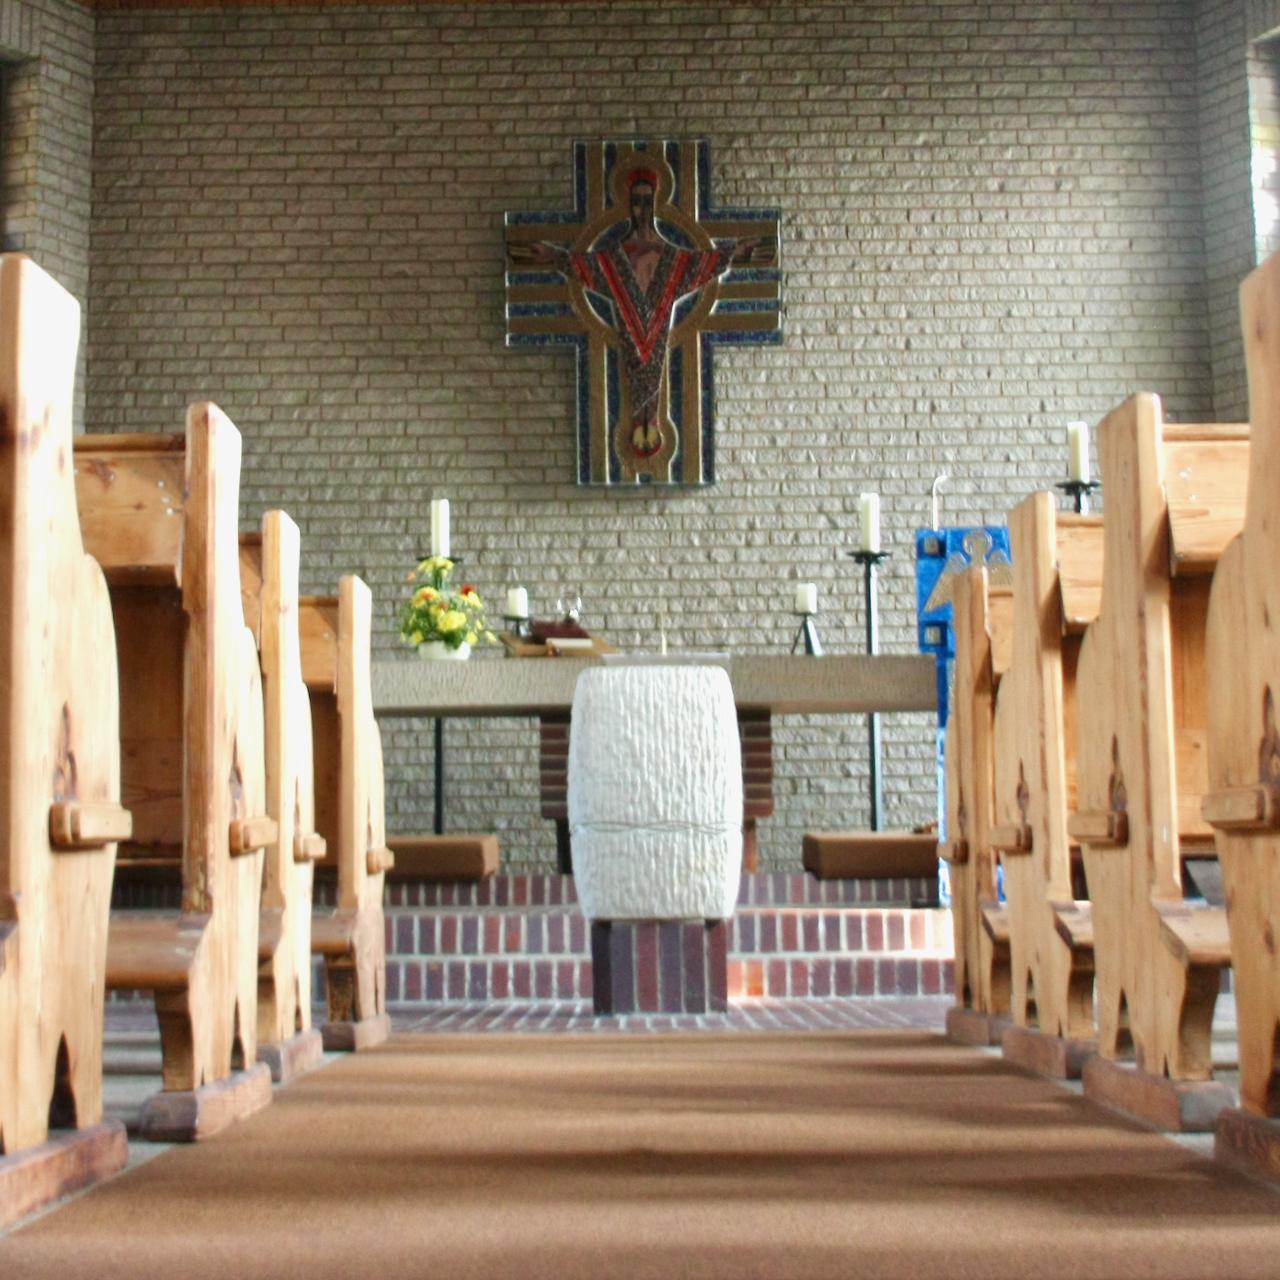 St. Johannes-Gemeinde Rodenberg